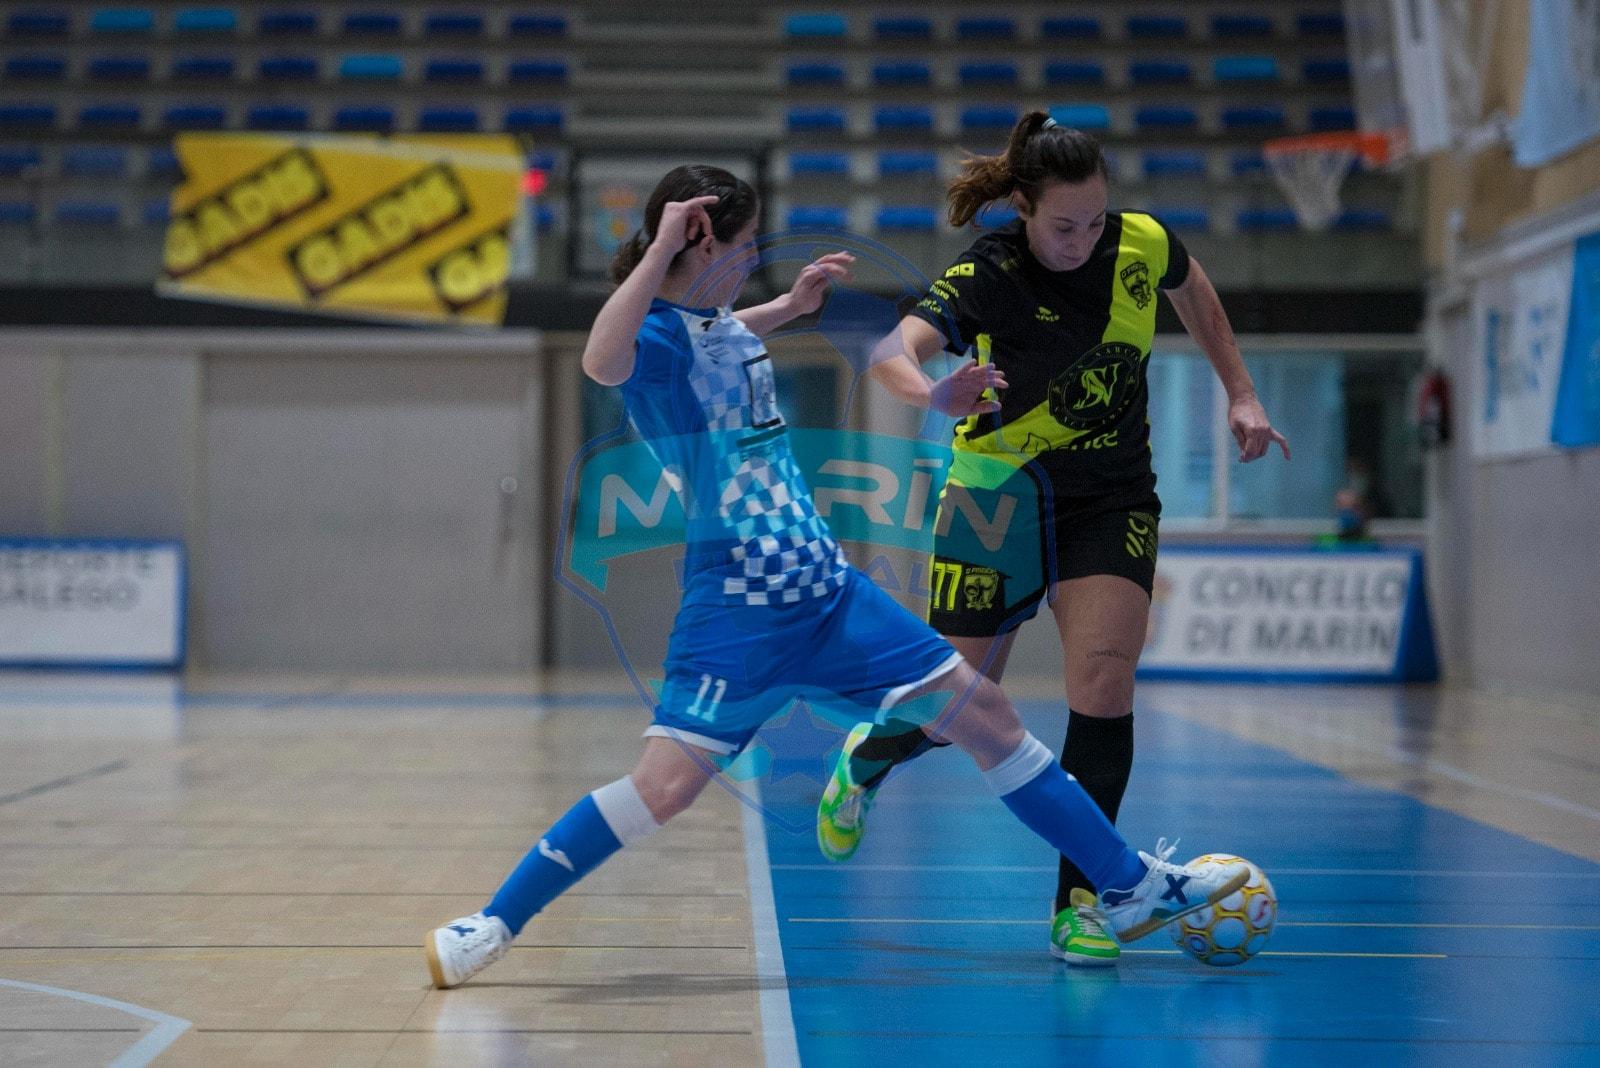 ENCE Marín vs Valdetires Ferrol / ENCE MARÍN FB